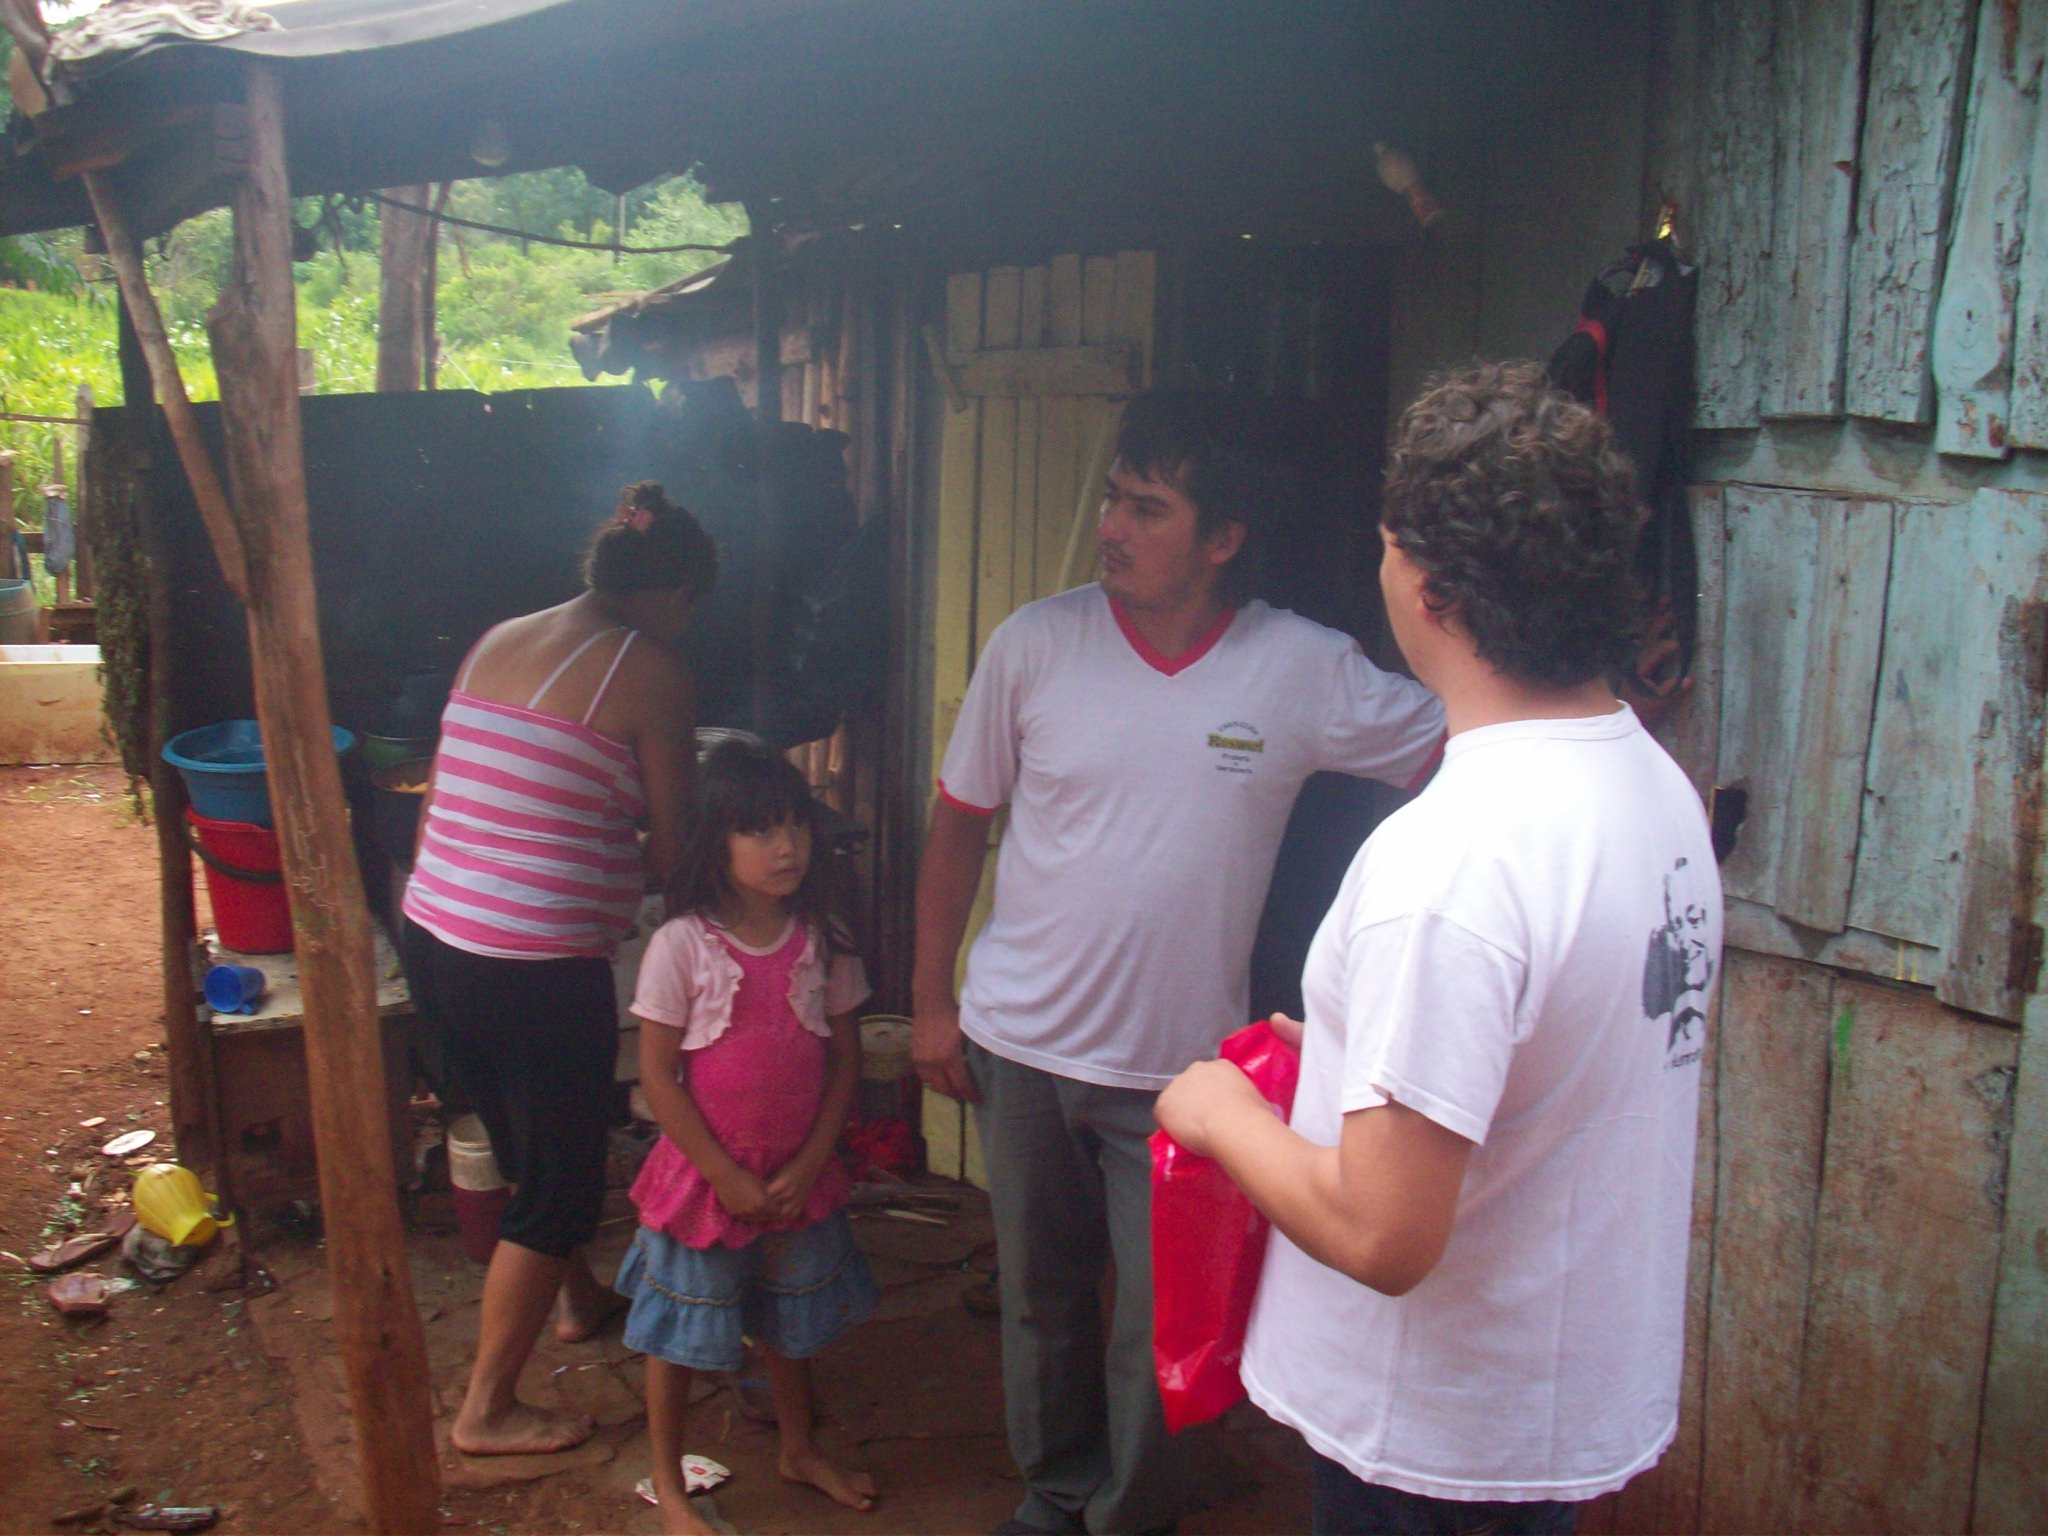 misiones-alem-barriofeltan-progresar-lapatriaeselotro5